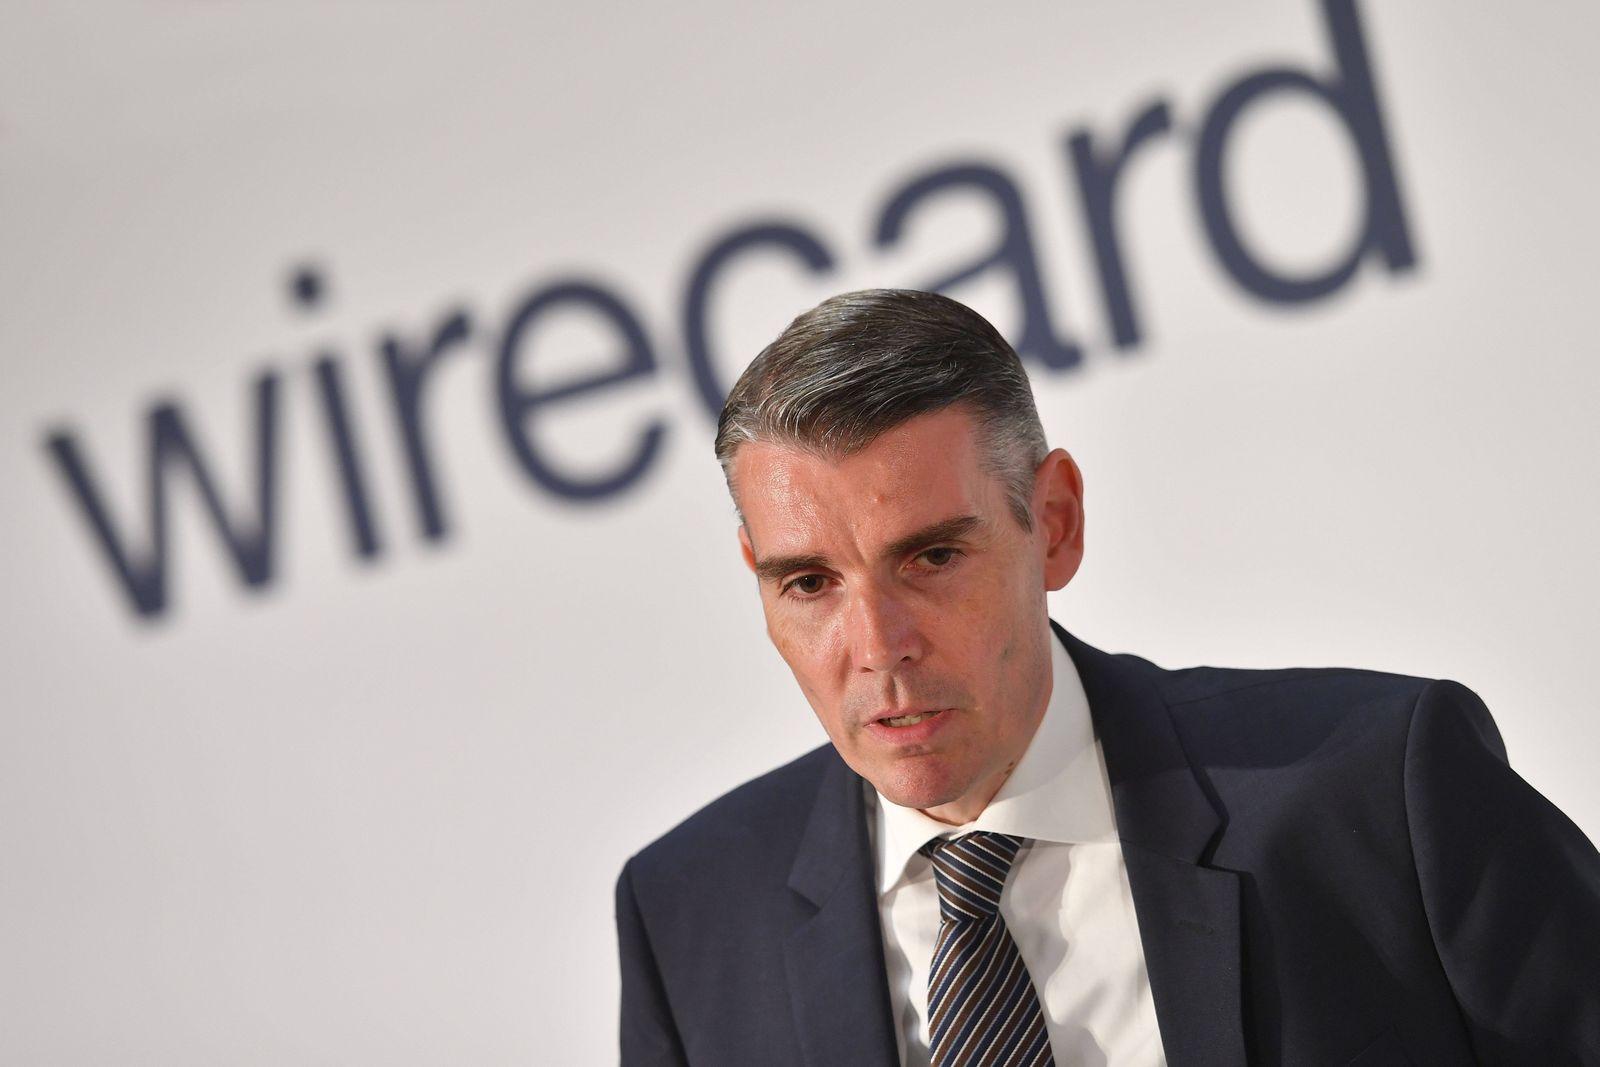 Wirecard verteilt intern die Zustaendigkeiten neu und entmachtet Chef Markus Braun. Der Zahlungs?dienst?leister reagiert